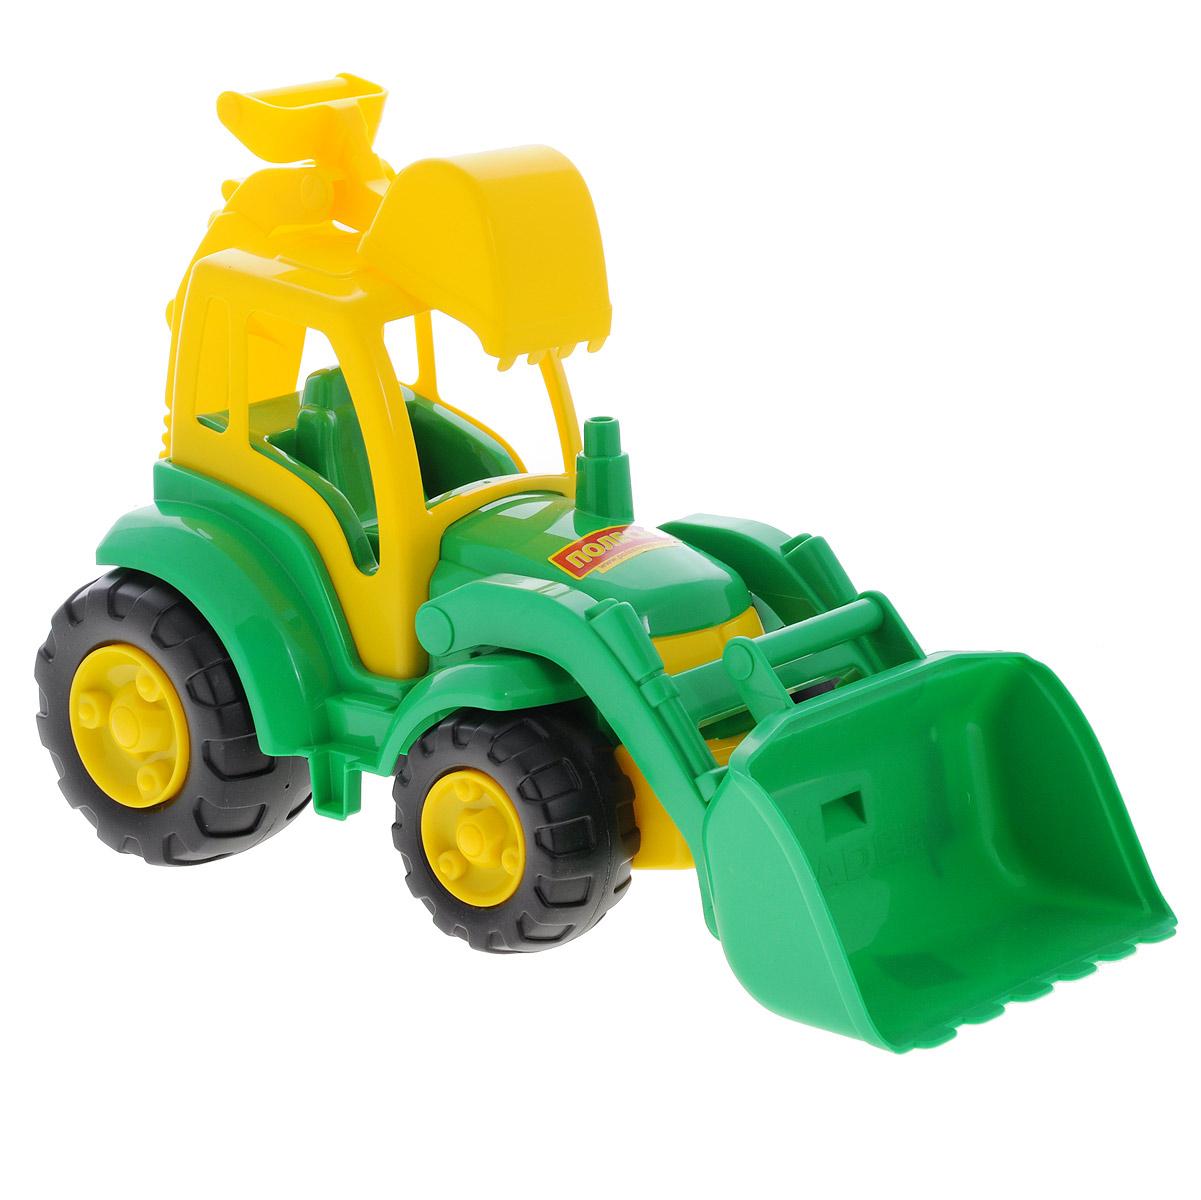 Полесье Трактор Чемпион цвет зеленый желтый513_зеленыйТрактор Полесье Чемпион, выполненный из яркого и прочного материала, отлично подойдет ребенку для различных игр. Трактор оснащен большим ковшом, с помощью которого можно перемещать материалы (камушки, песок), убирать строительный мусор или расчищать площадку. Сзади трактора находится стрела со вторым ковшом, которая поднимается, опускается и поворачивается, что поможет ребенку в его работах. В просторную незастекленную кабину машины легко поместится минифигурка водителя ( в комплект не входит). Широкие колеса трактора со свободным ходом обеспечивают игрушке устойчивость и хорошую проходимость. С этим реалистично выполненным трактором ваш малыш часами будет занят игрой!